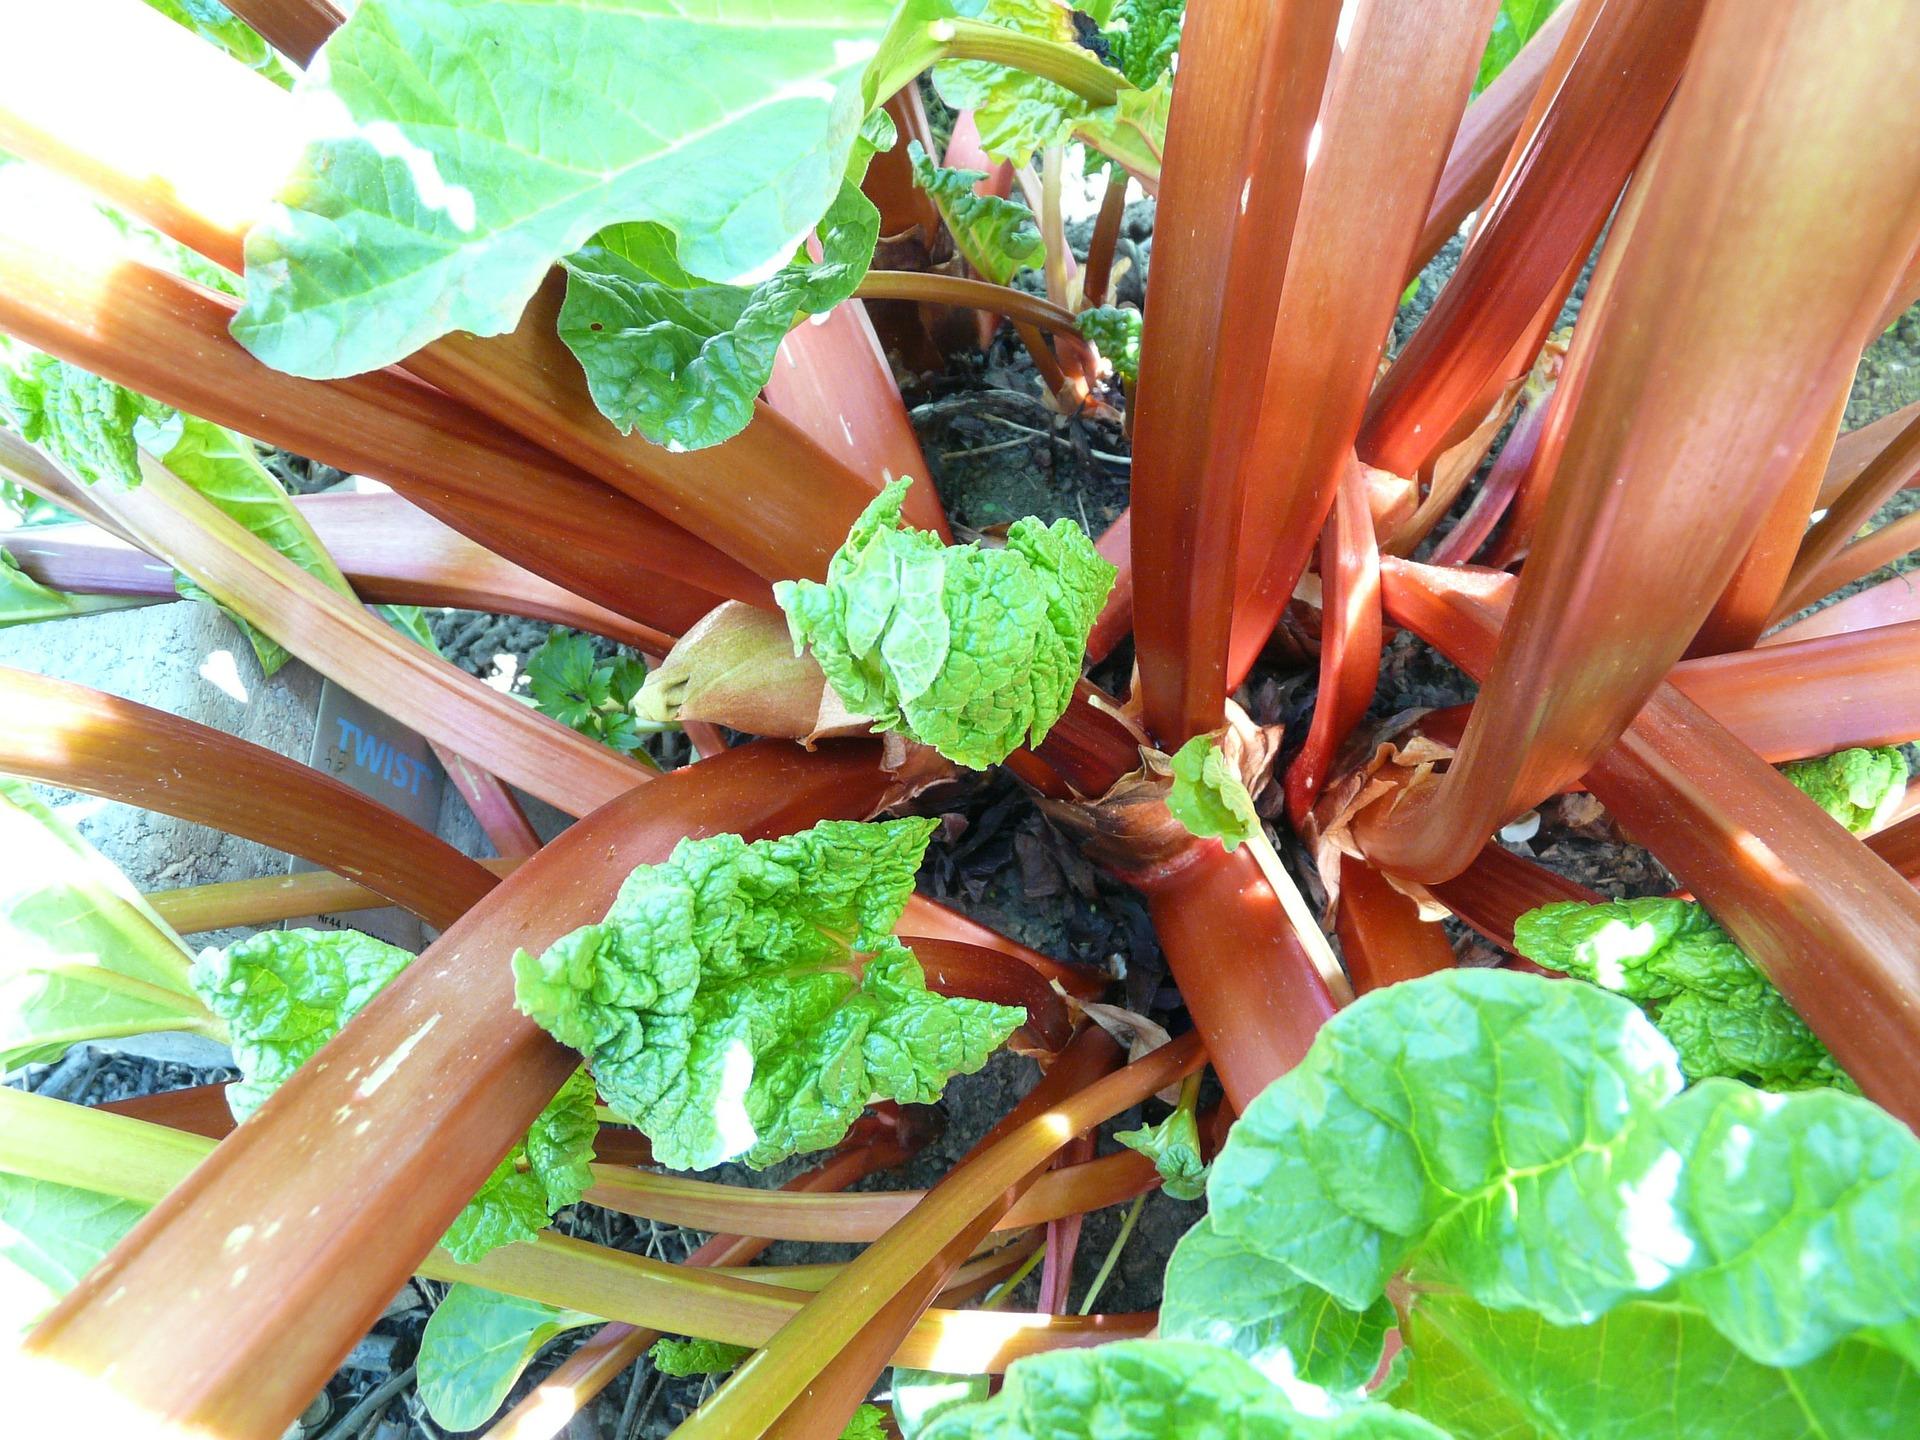 rhubarb-54084_1920